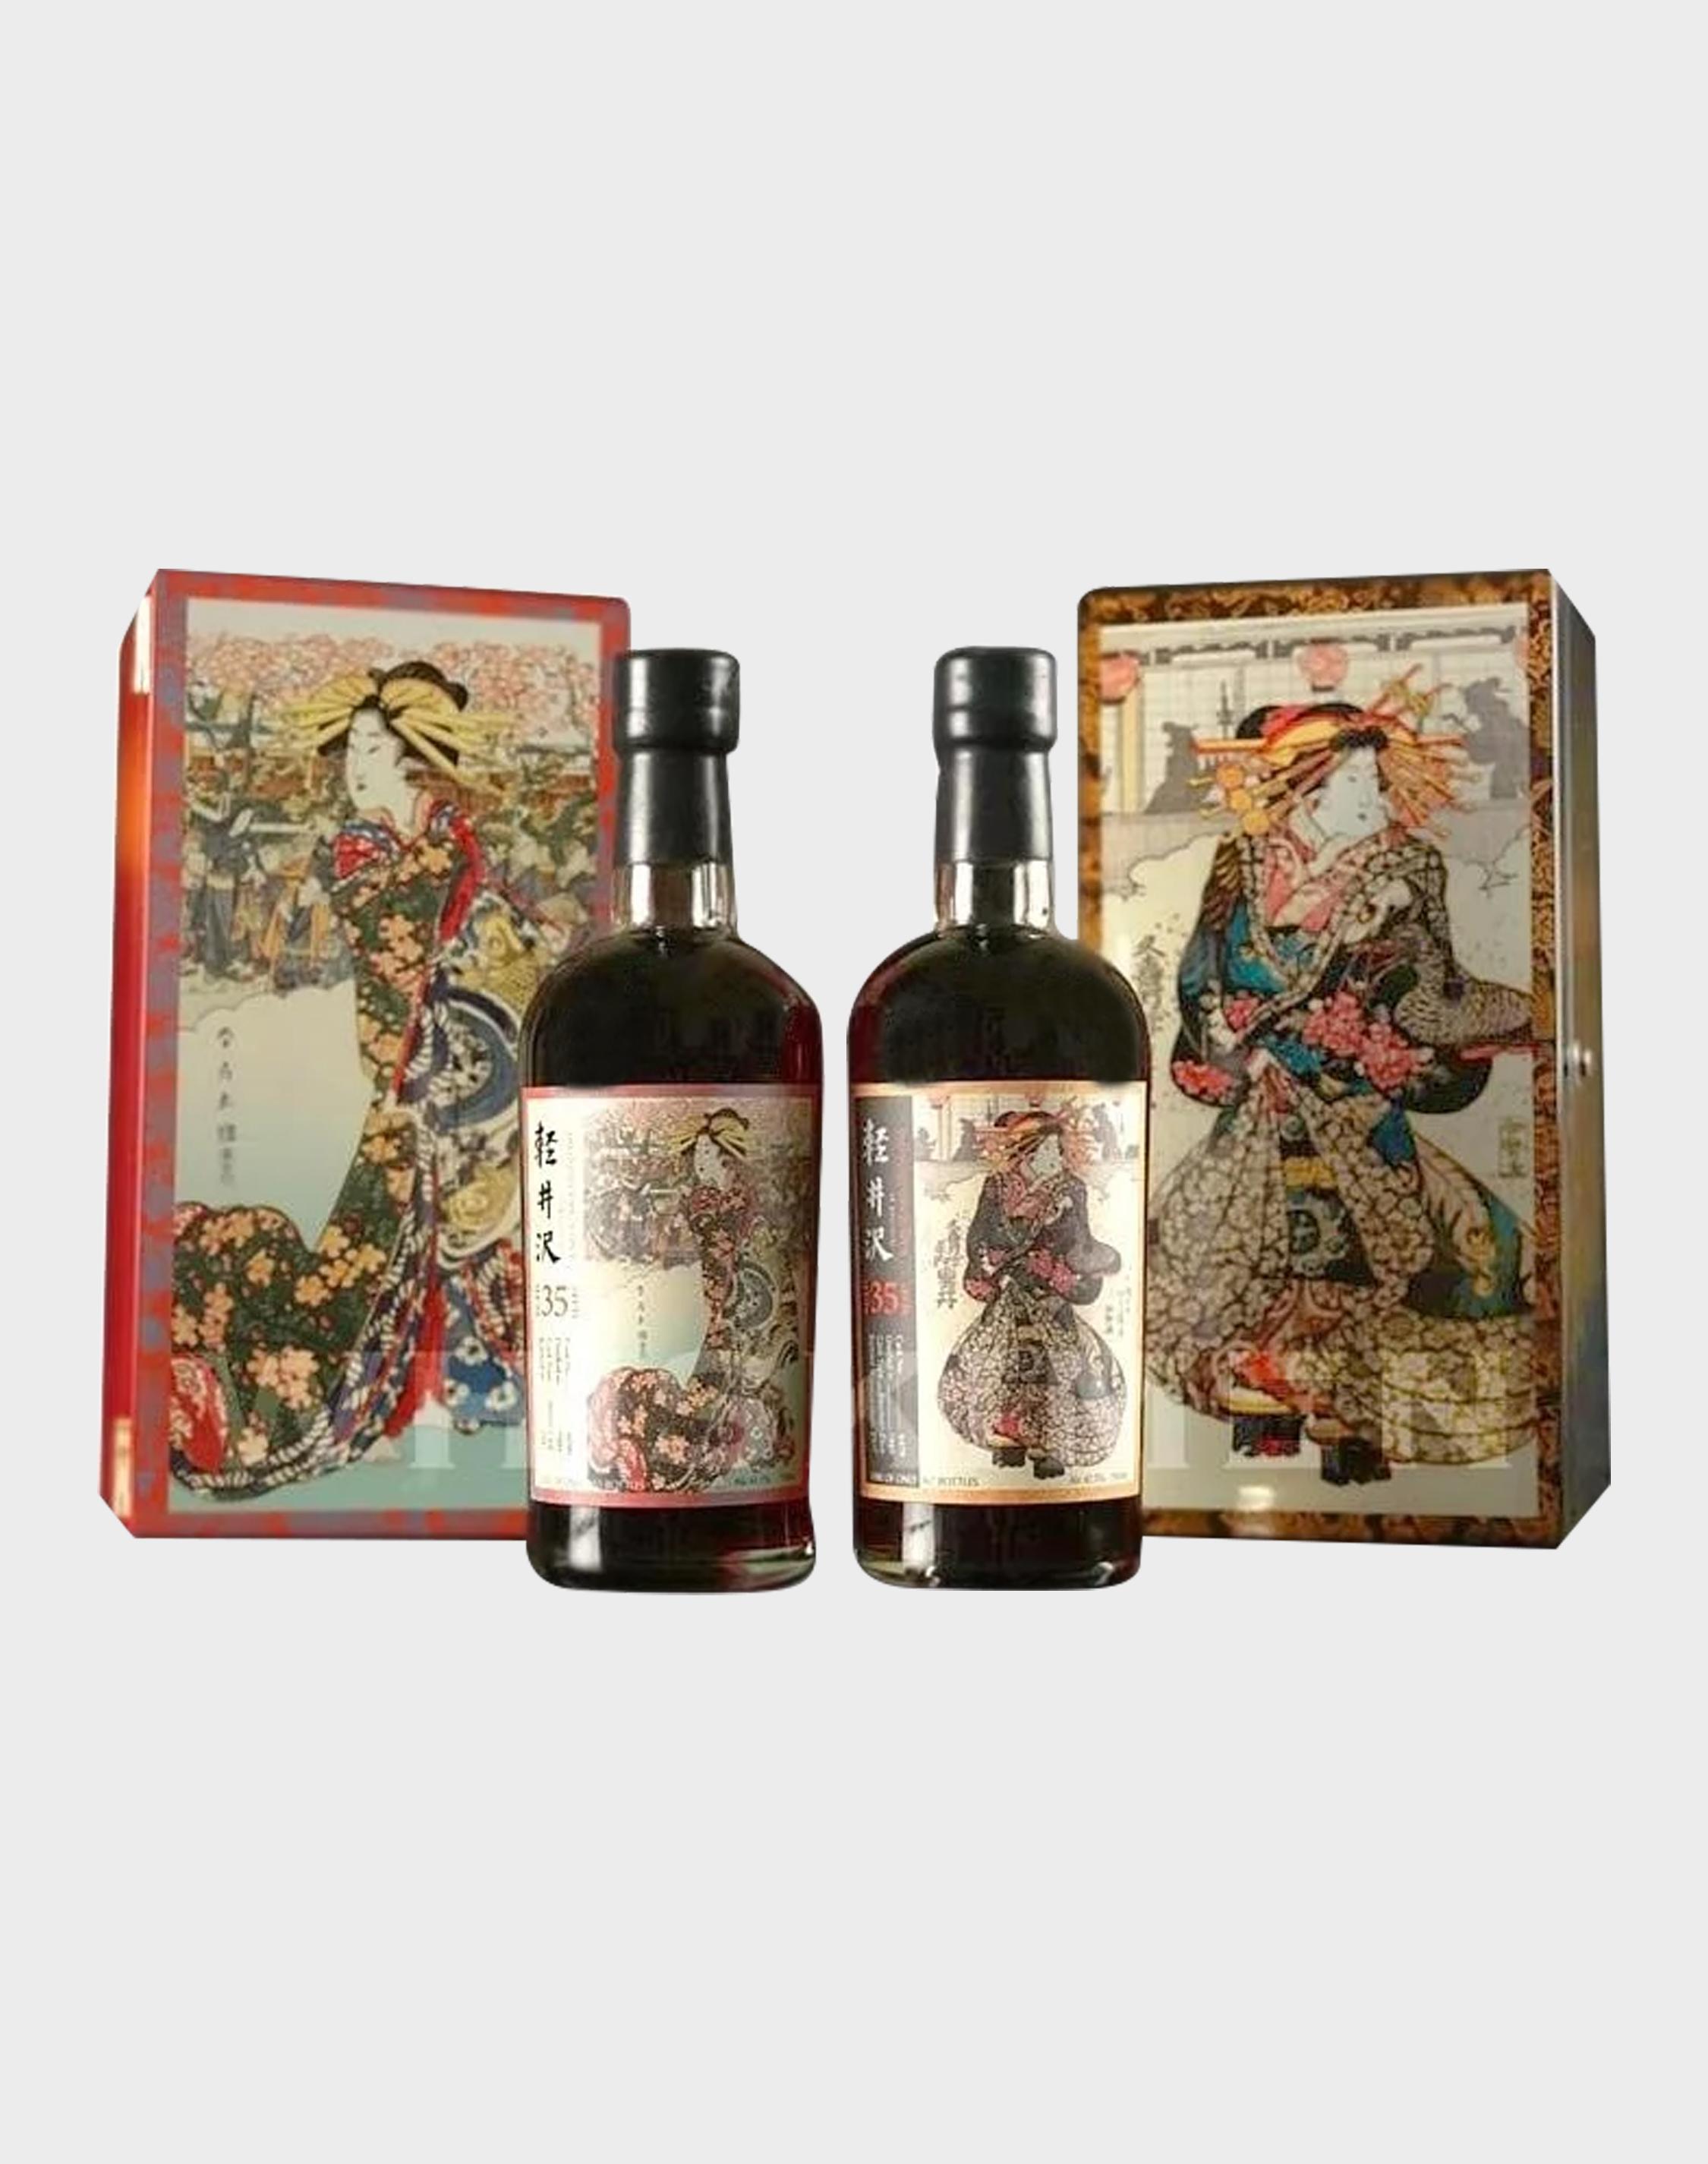 Karuizawa 35 Year Old - 2 Bottles Set